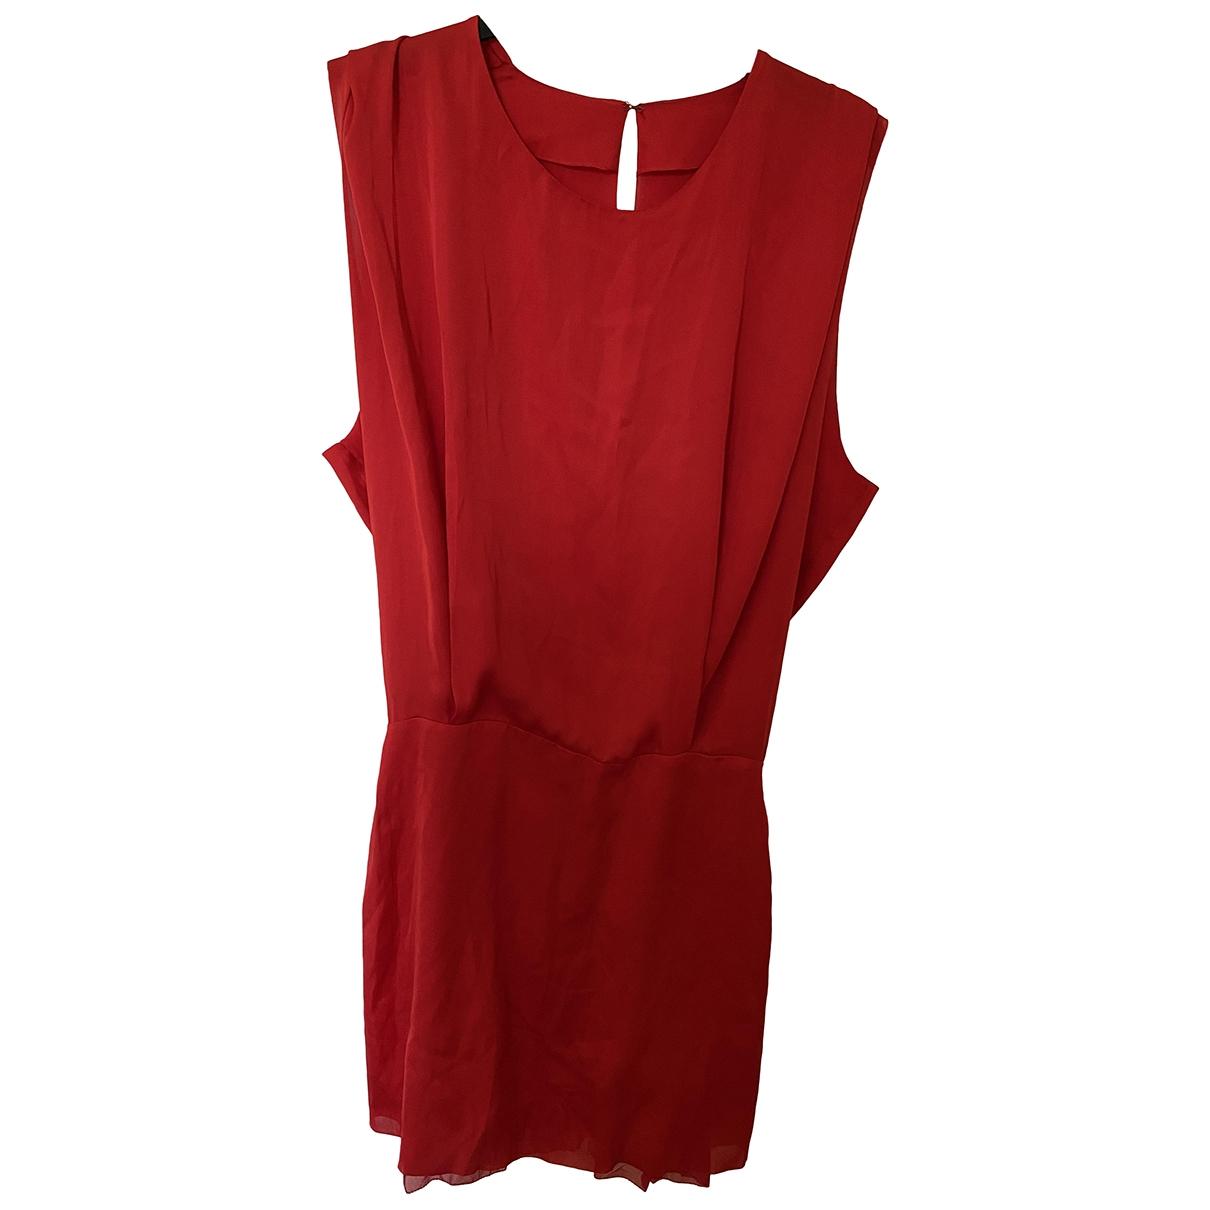 Acne Studios \N Kleid in  Rot Synthetik